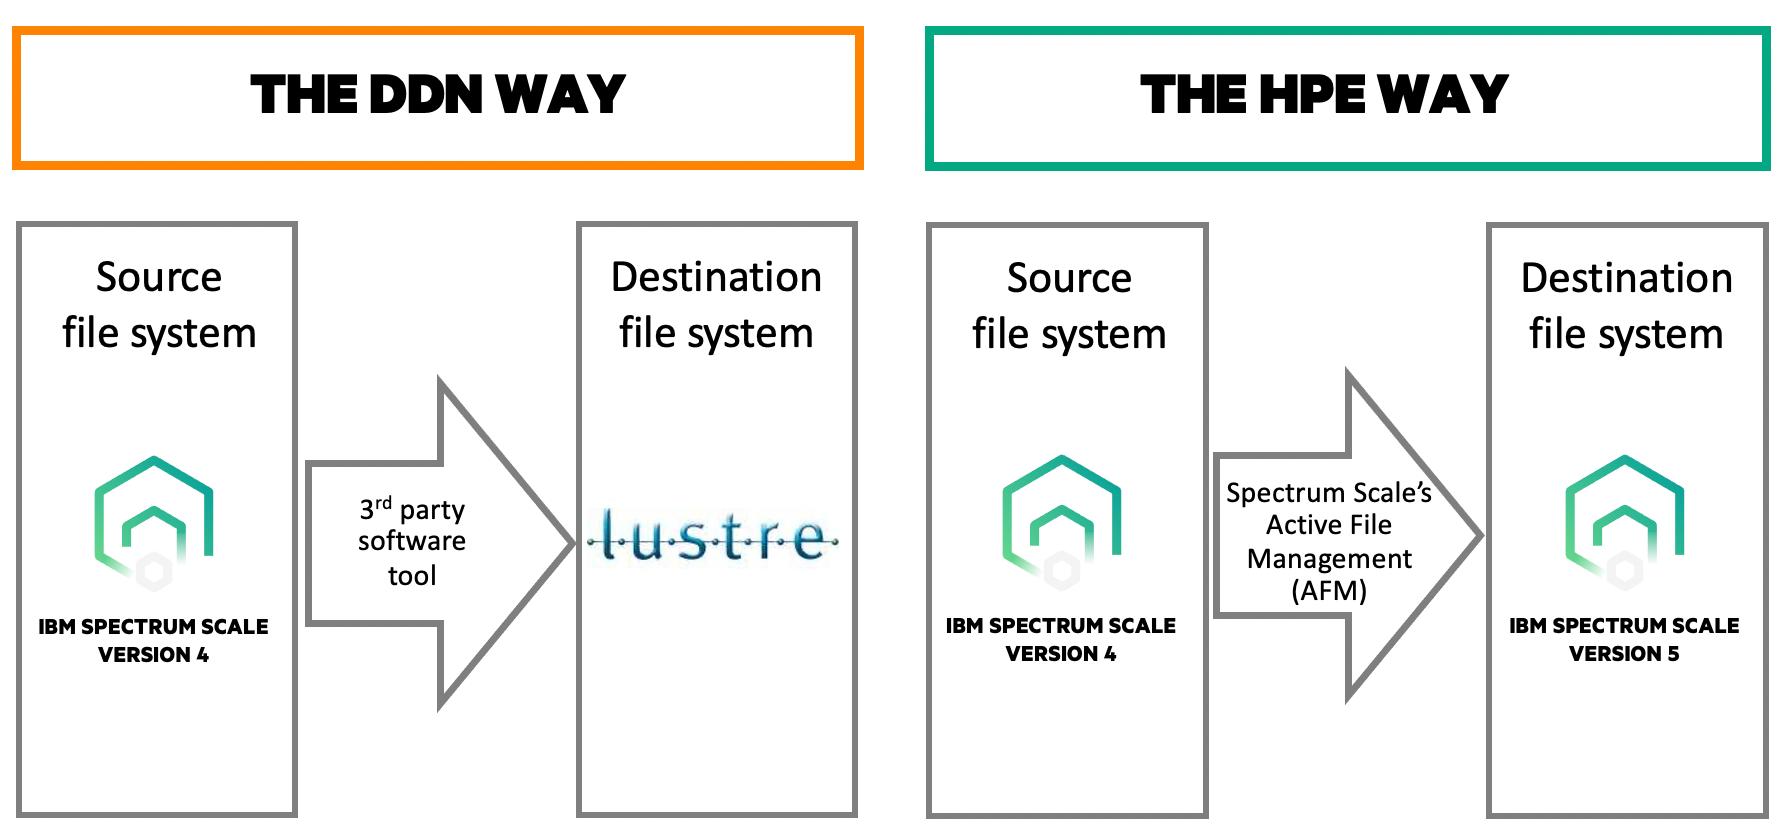 DDN versus HPE way-blog.png